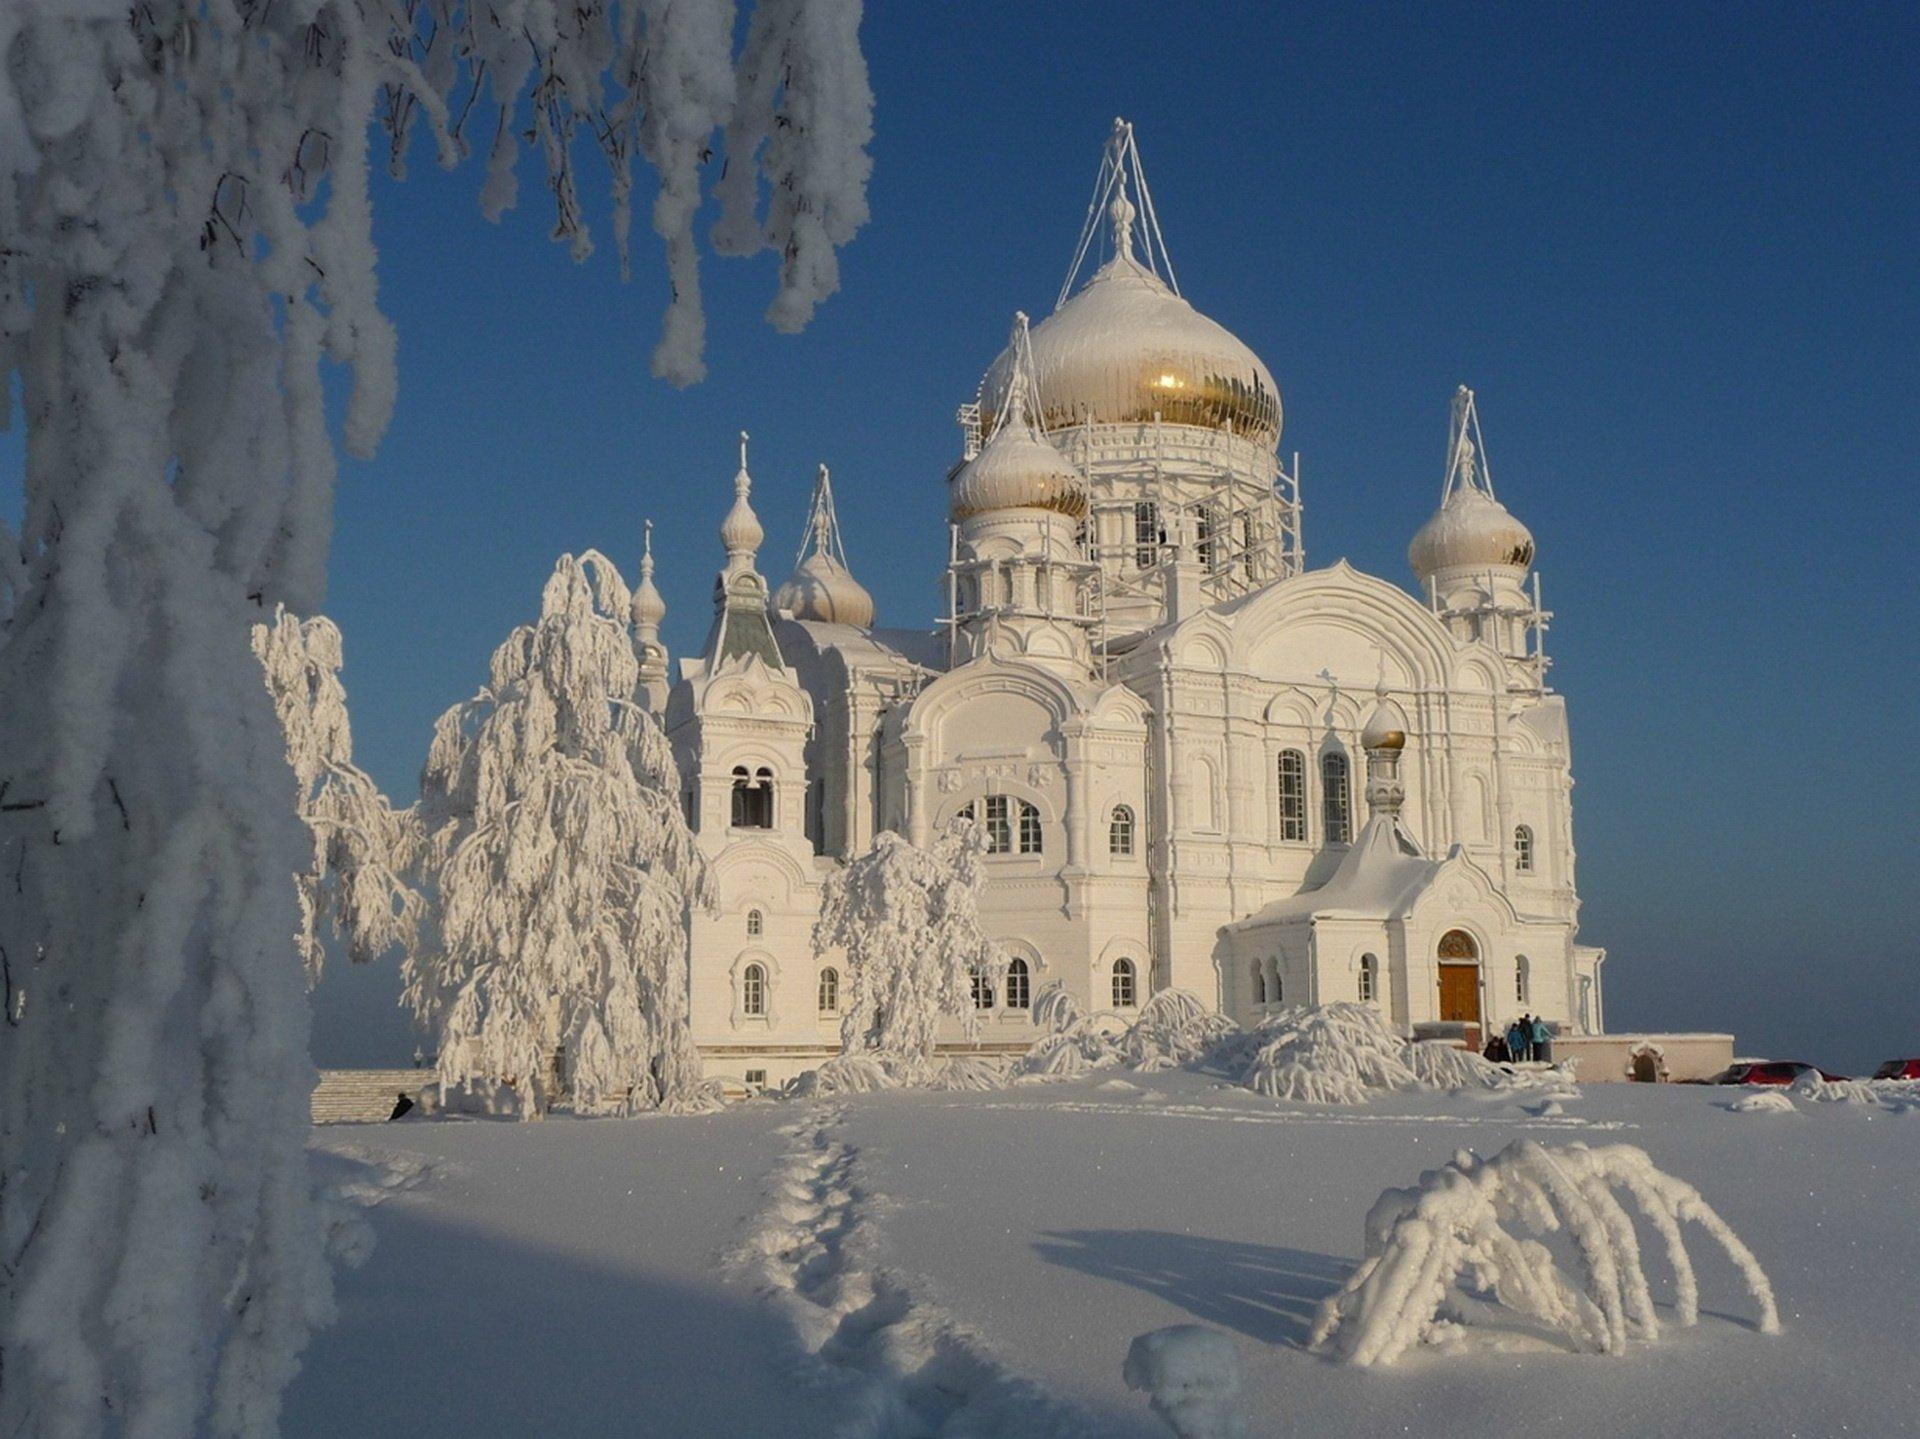 White Russian Church In The Snow Fondo De Pantalla Hd